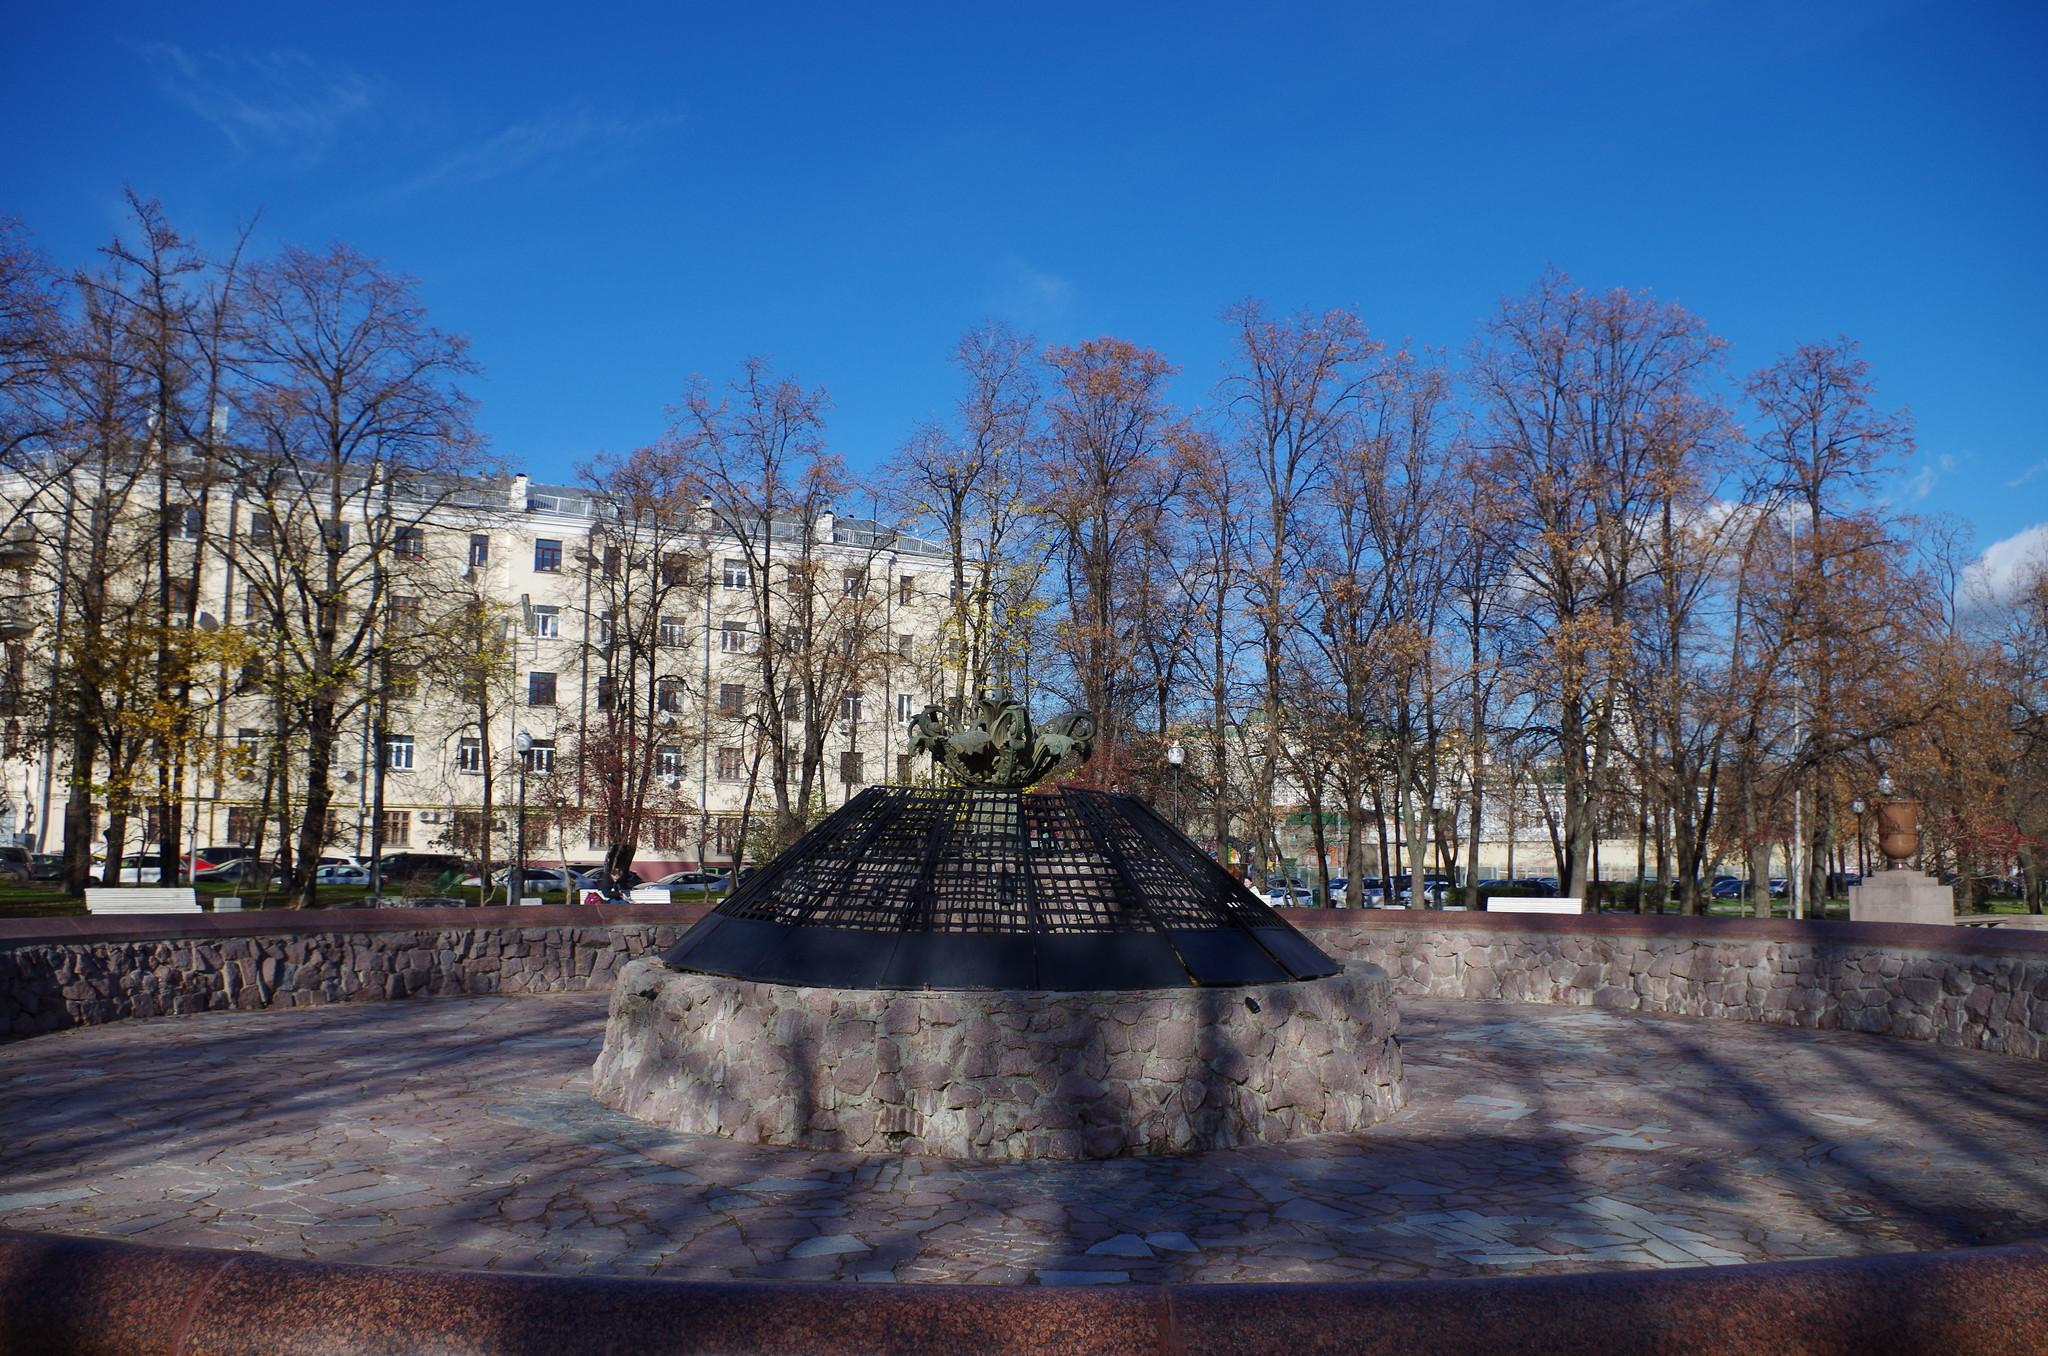 Болотный (или Репинский) фонтан был открыт в 1948 году на Болотной площади